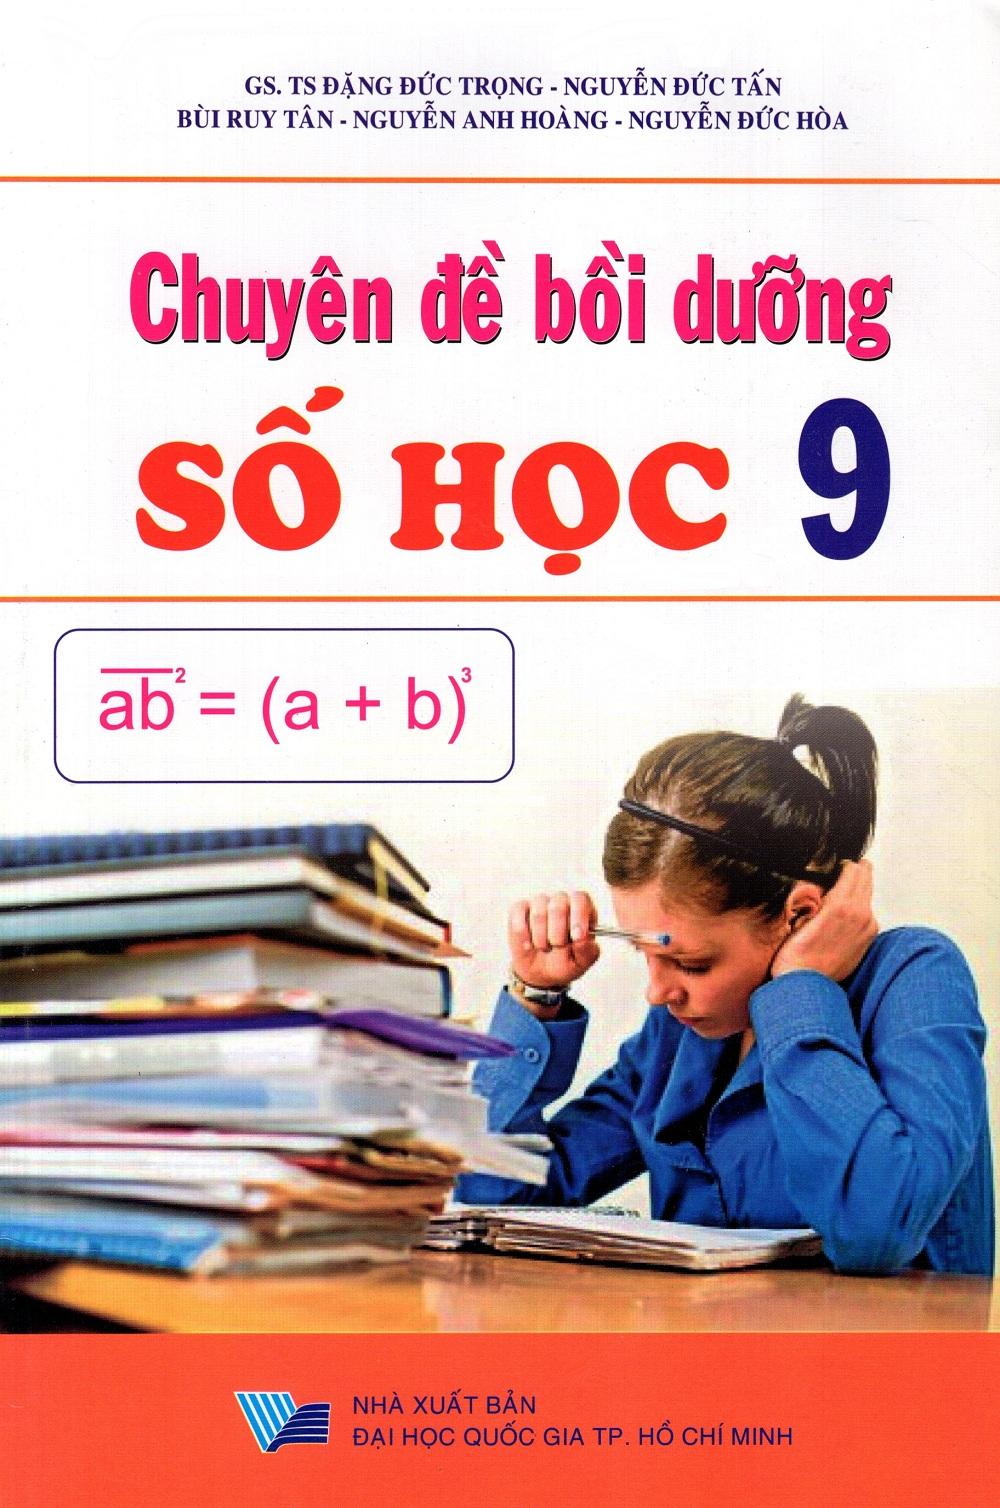 Chuyên Đề Bồi Dưỡng Số Học Lớp 9